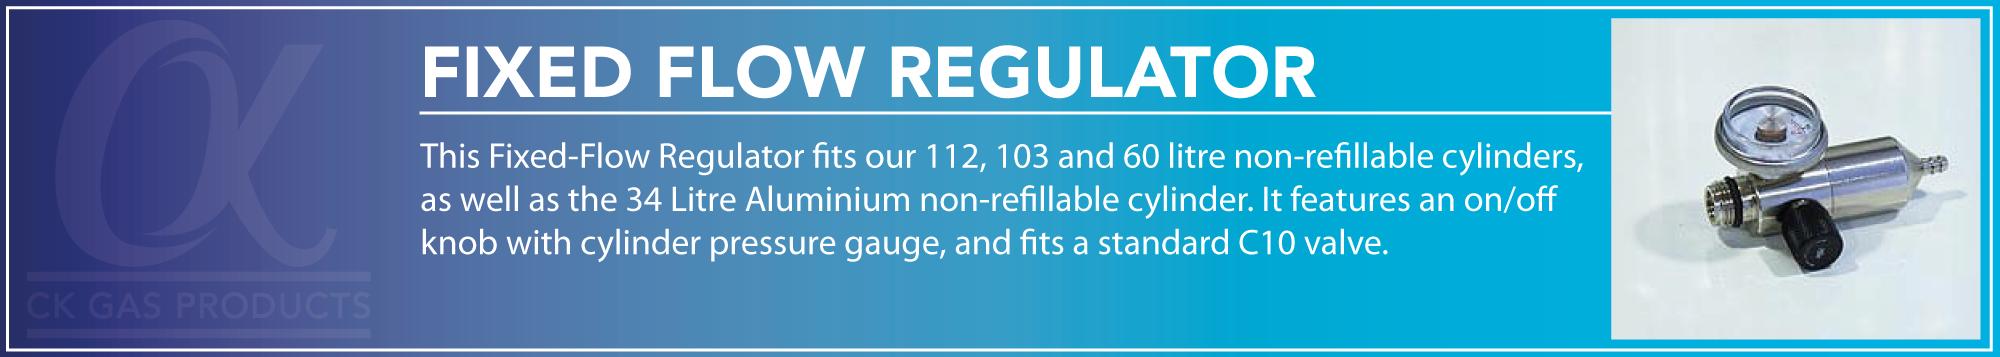 FixedFlow_Regulator